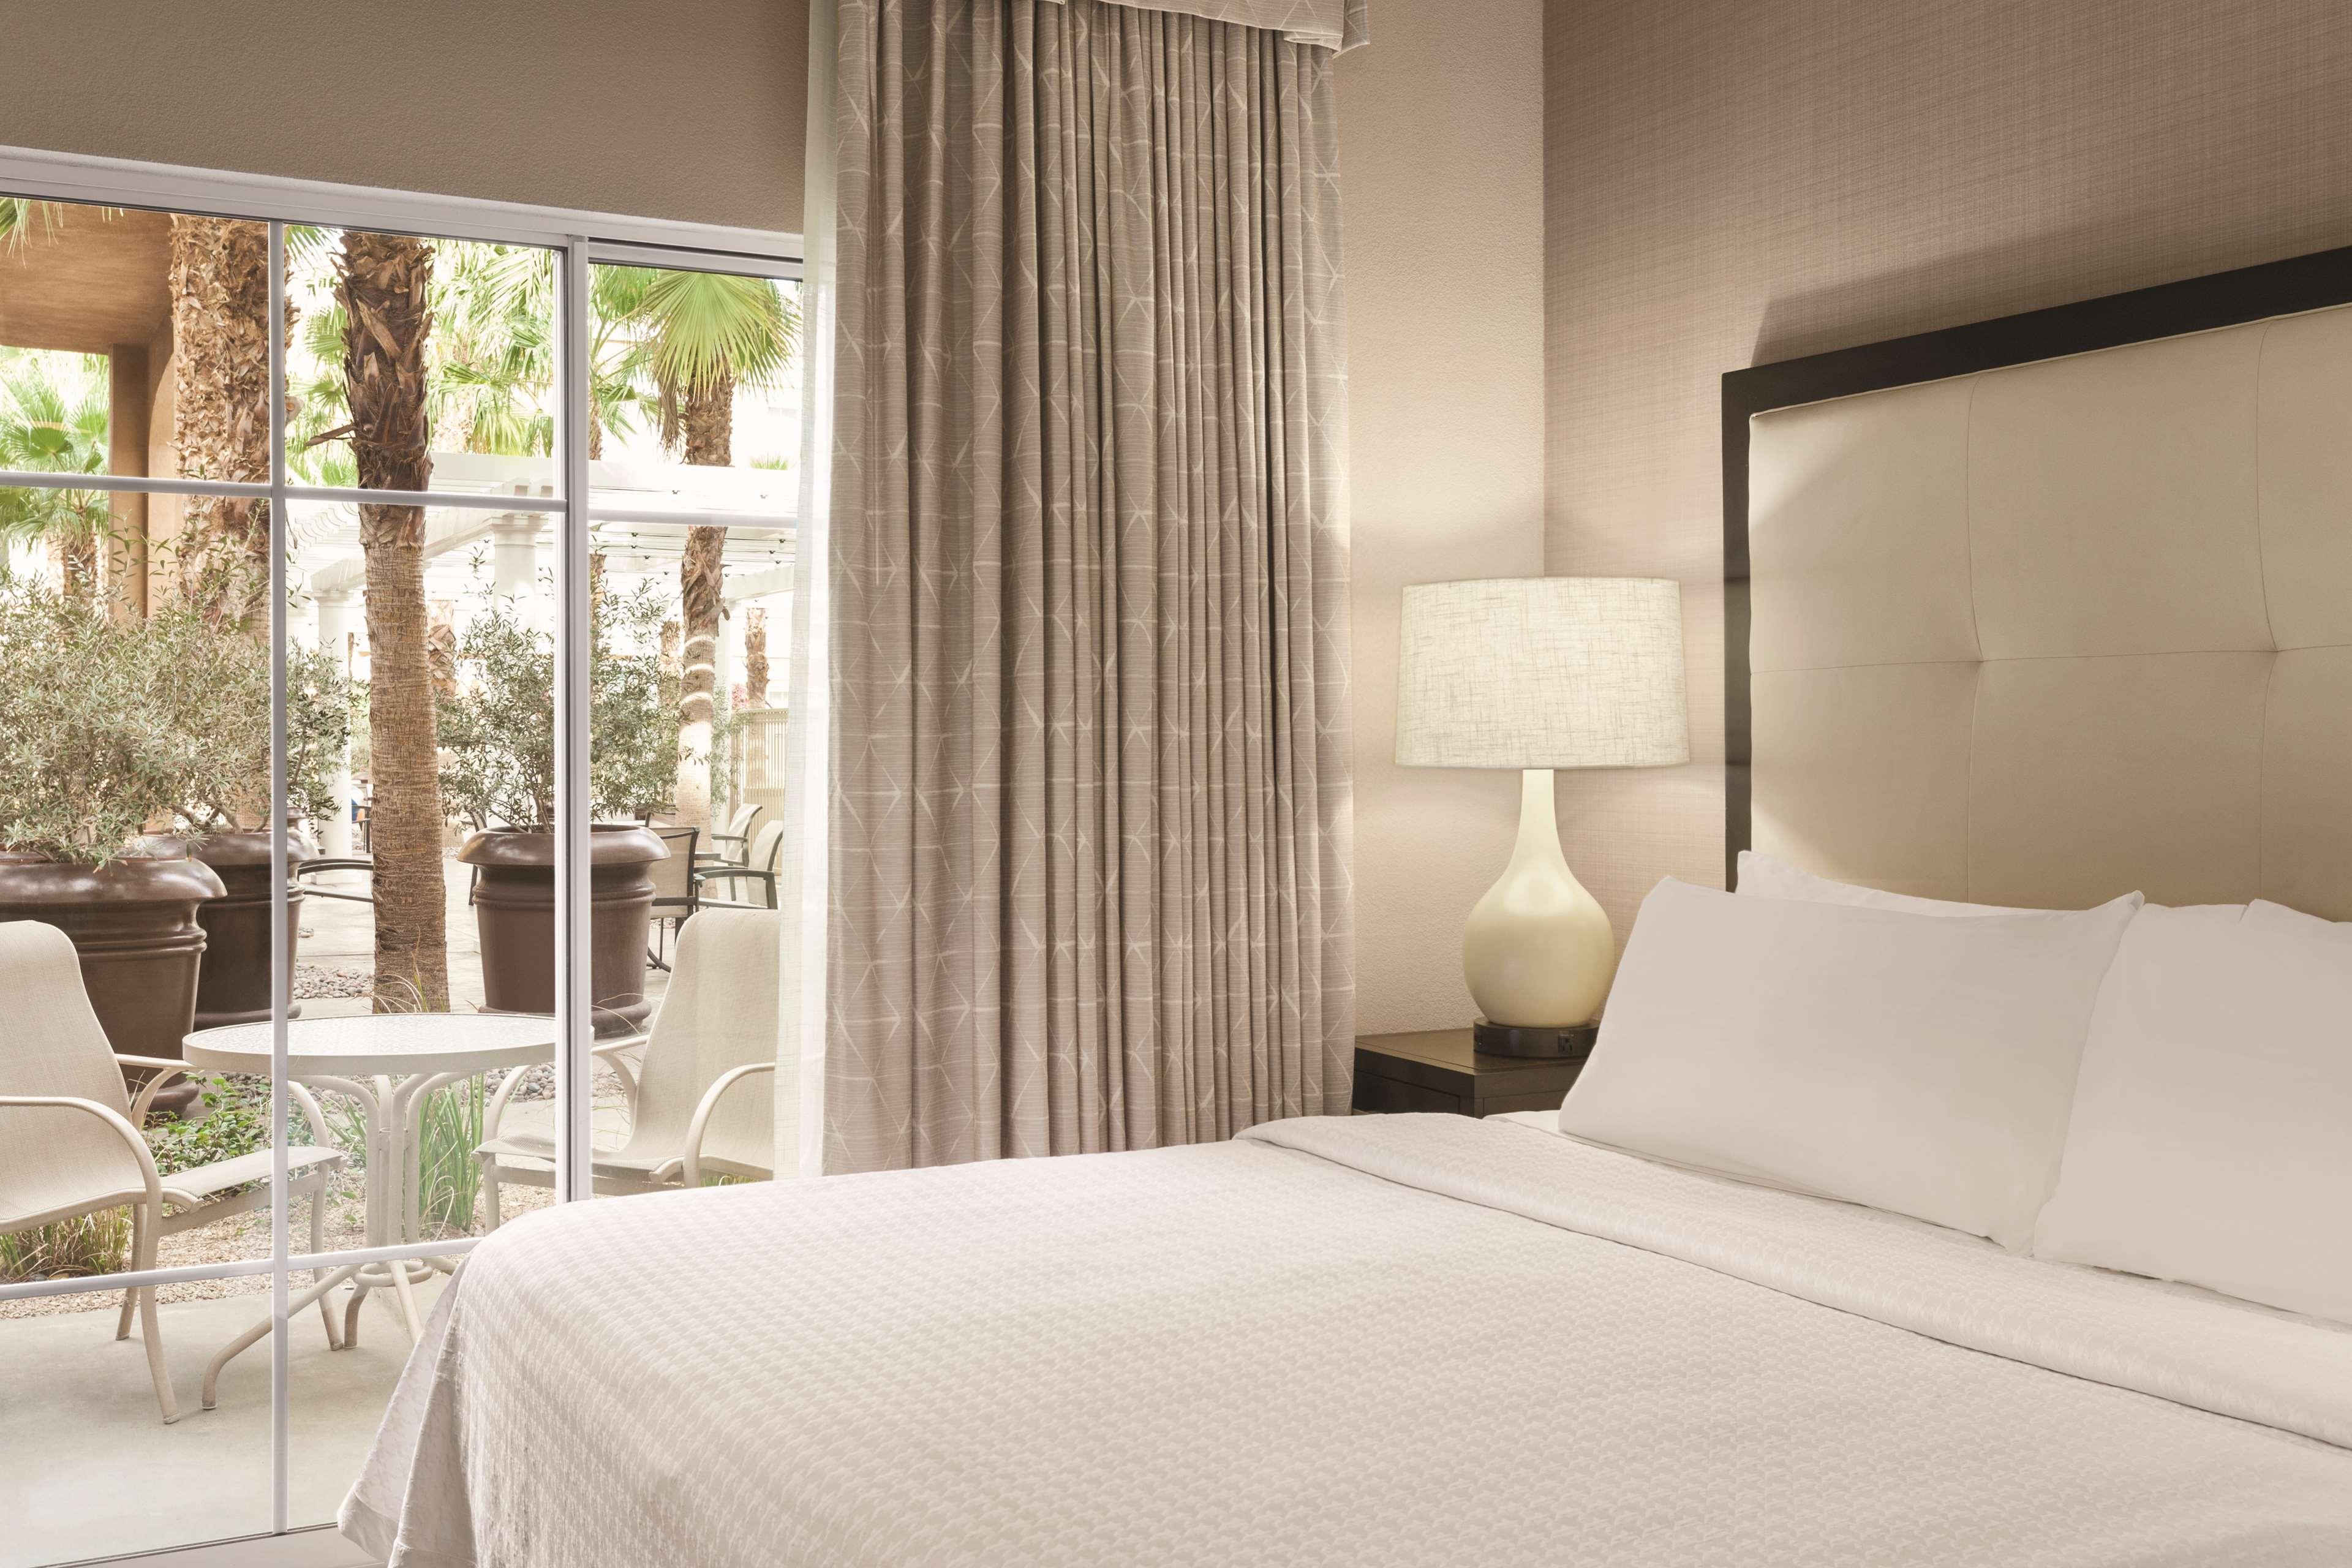 Homewood Suites by Hilton La Quinta image 15